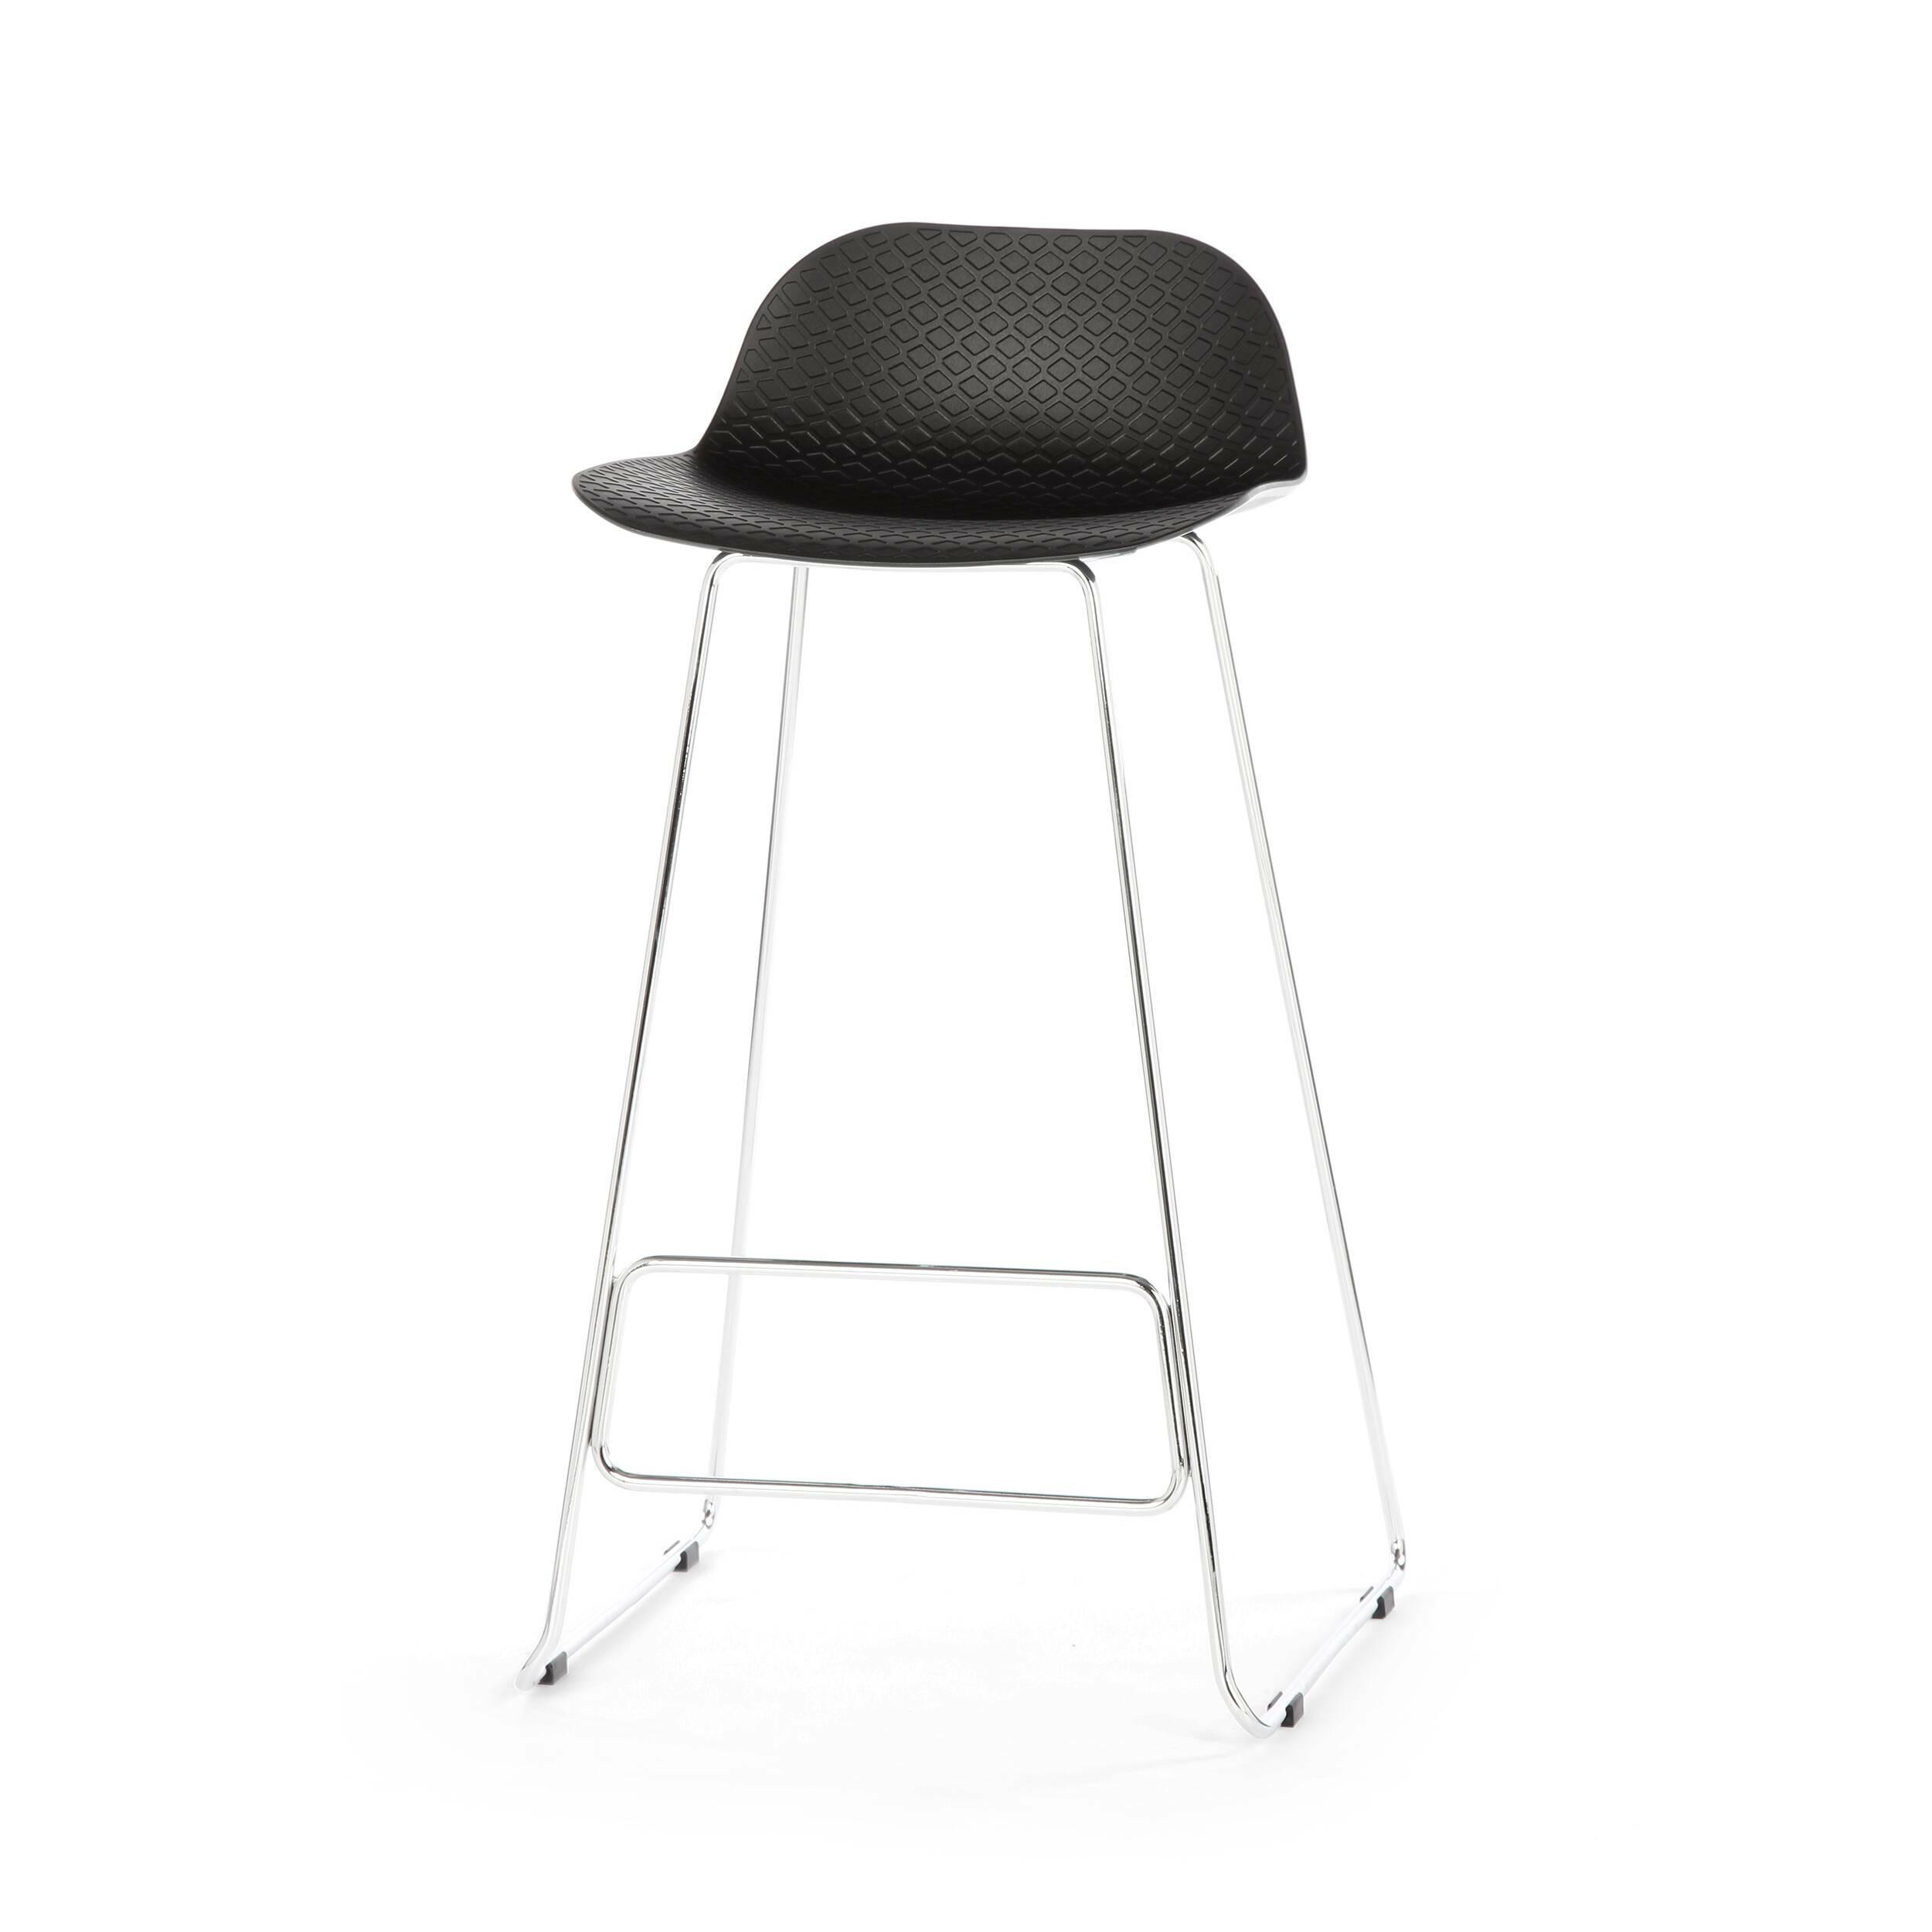 Барный стул CatinaБарные<br>Ультрасовременный дизайн барного стула Catina — это настоящий подарок для обладателя интерьера в стиле минимализм или хай-тек. Эти два стиля переосмысливают достижения высоких технологий о ценность свободного пространства и добавляют в них художественные черты. Барный стул Catina — прекрасный тому пример. Он отличается высокой функциональностью, лаконичным оформлением и необыкновенно красивыми, плавными линиями и белоснежным цветом.<br><br><br> Барный стул Catina изготовлен из современных матер...<br><br>stock: 32<br>Высота: 93<br>Высота сиденья: 76<br>Ширина: 48.5<br>Глубина: 49.5<br>Цвет ножек: Хром<br>Цвет сидения: Черный<br>Тип материала сидения: Полипропилен<br>Тип материала ножек: Сталь